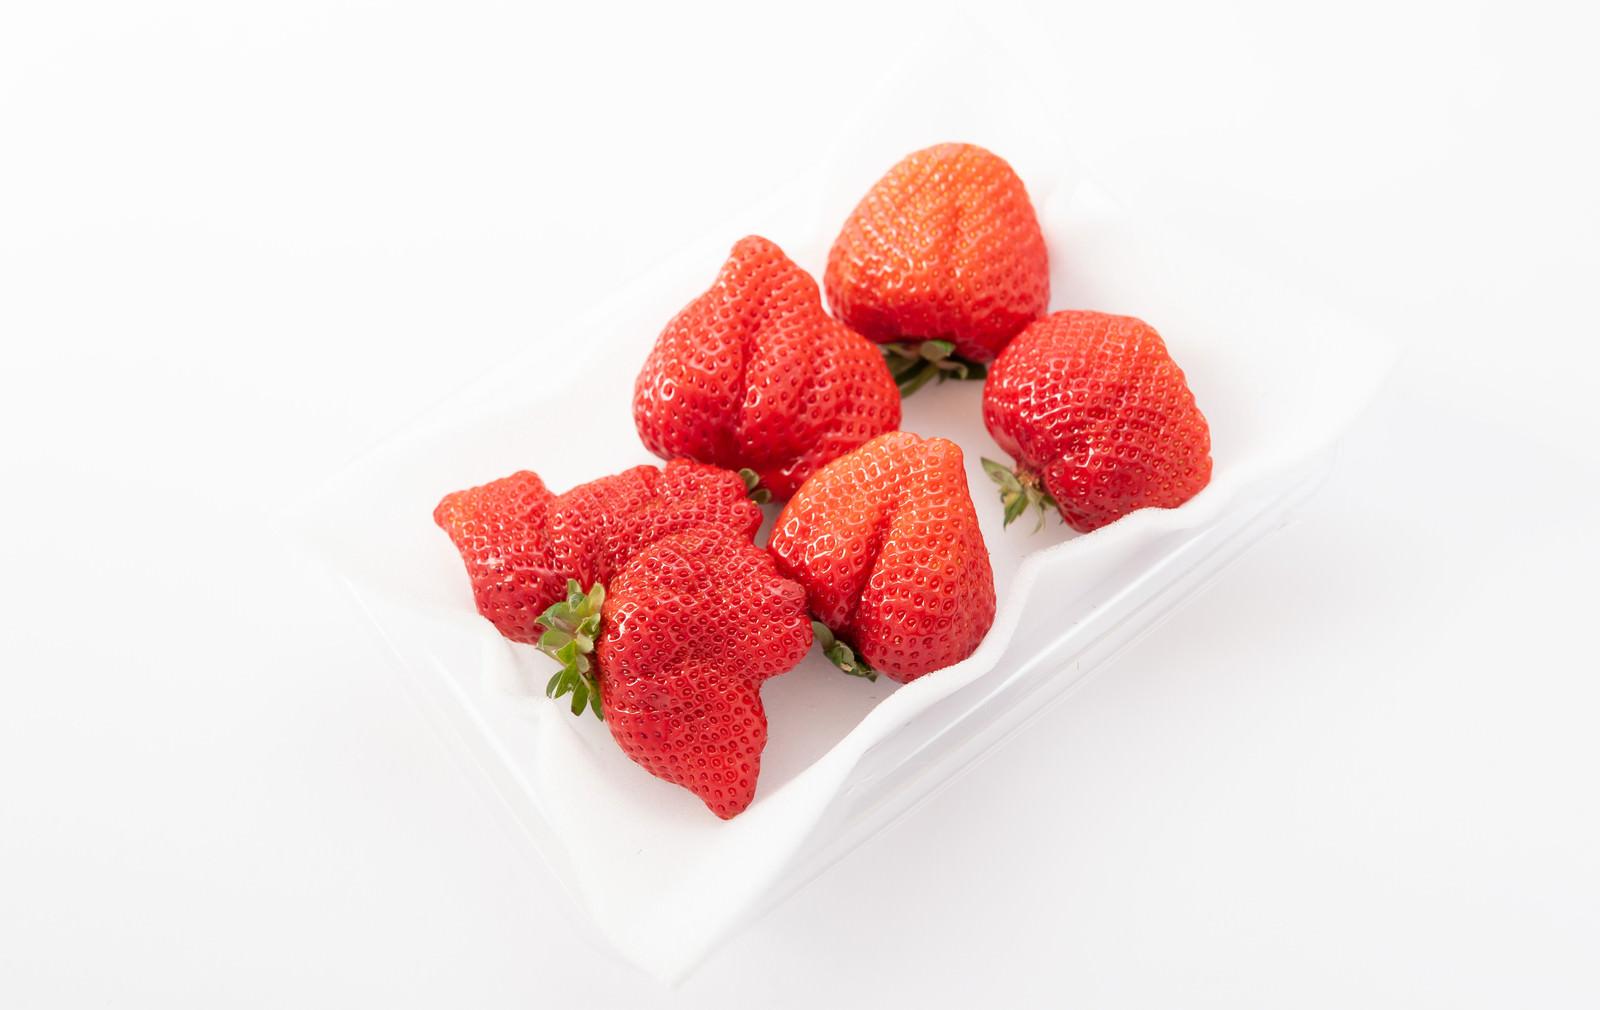 「あまおう(苺)の大玉」の写真